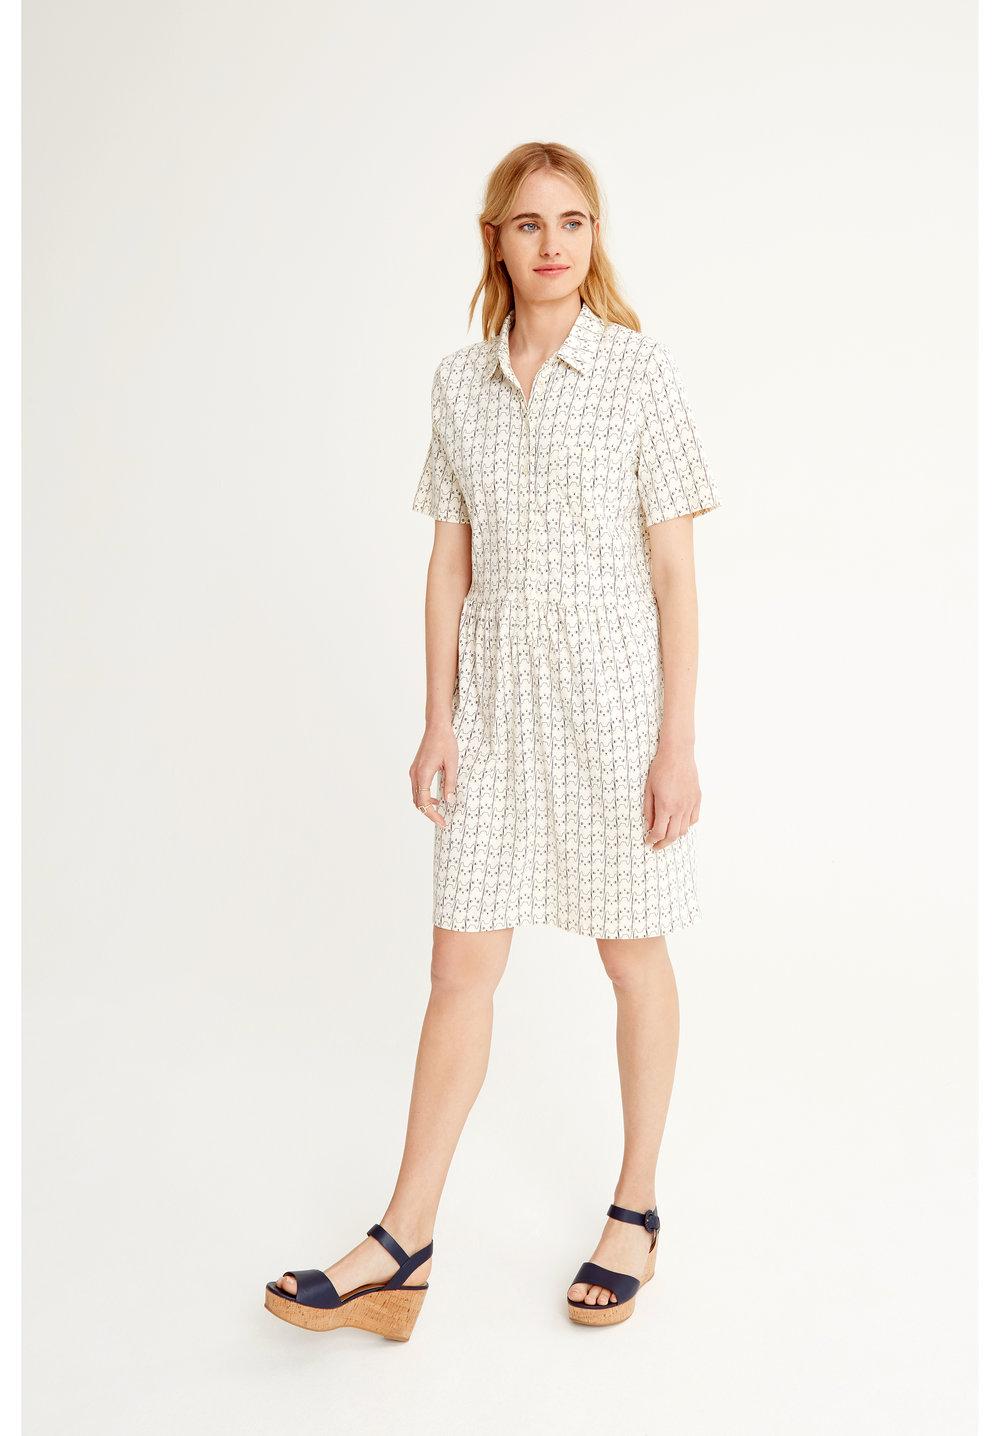 yana-cat-print-dress-ae055551161a.jpg